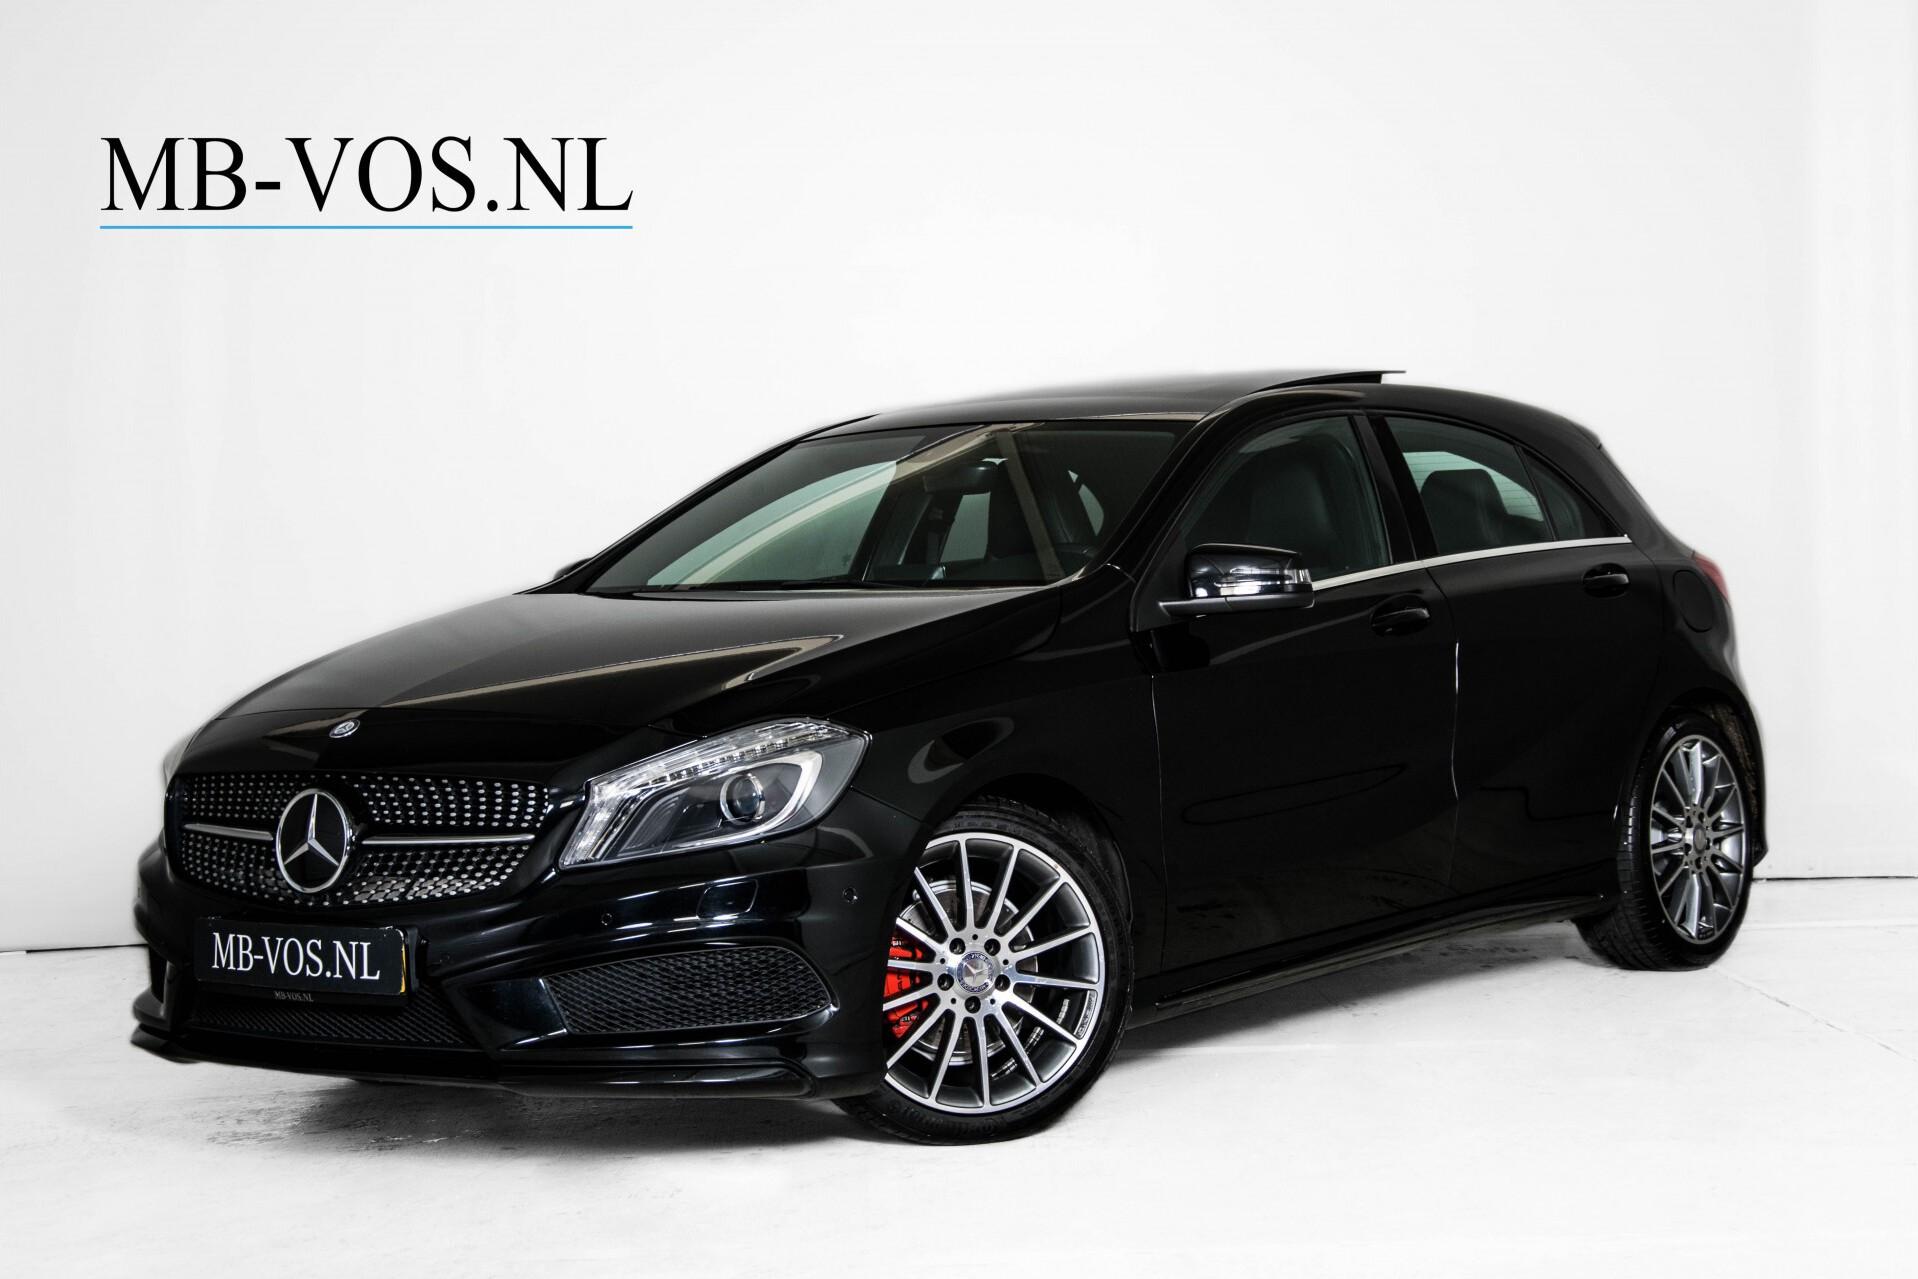 Mercedes-Benz A-Klasse 180 Cdi AMG Panorama Bi-xenon/Navi/PTS Aut7 Foto 1